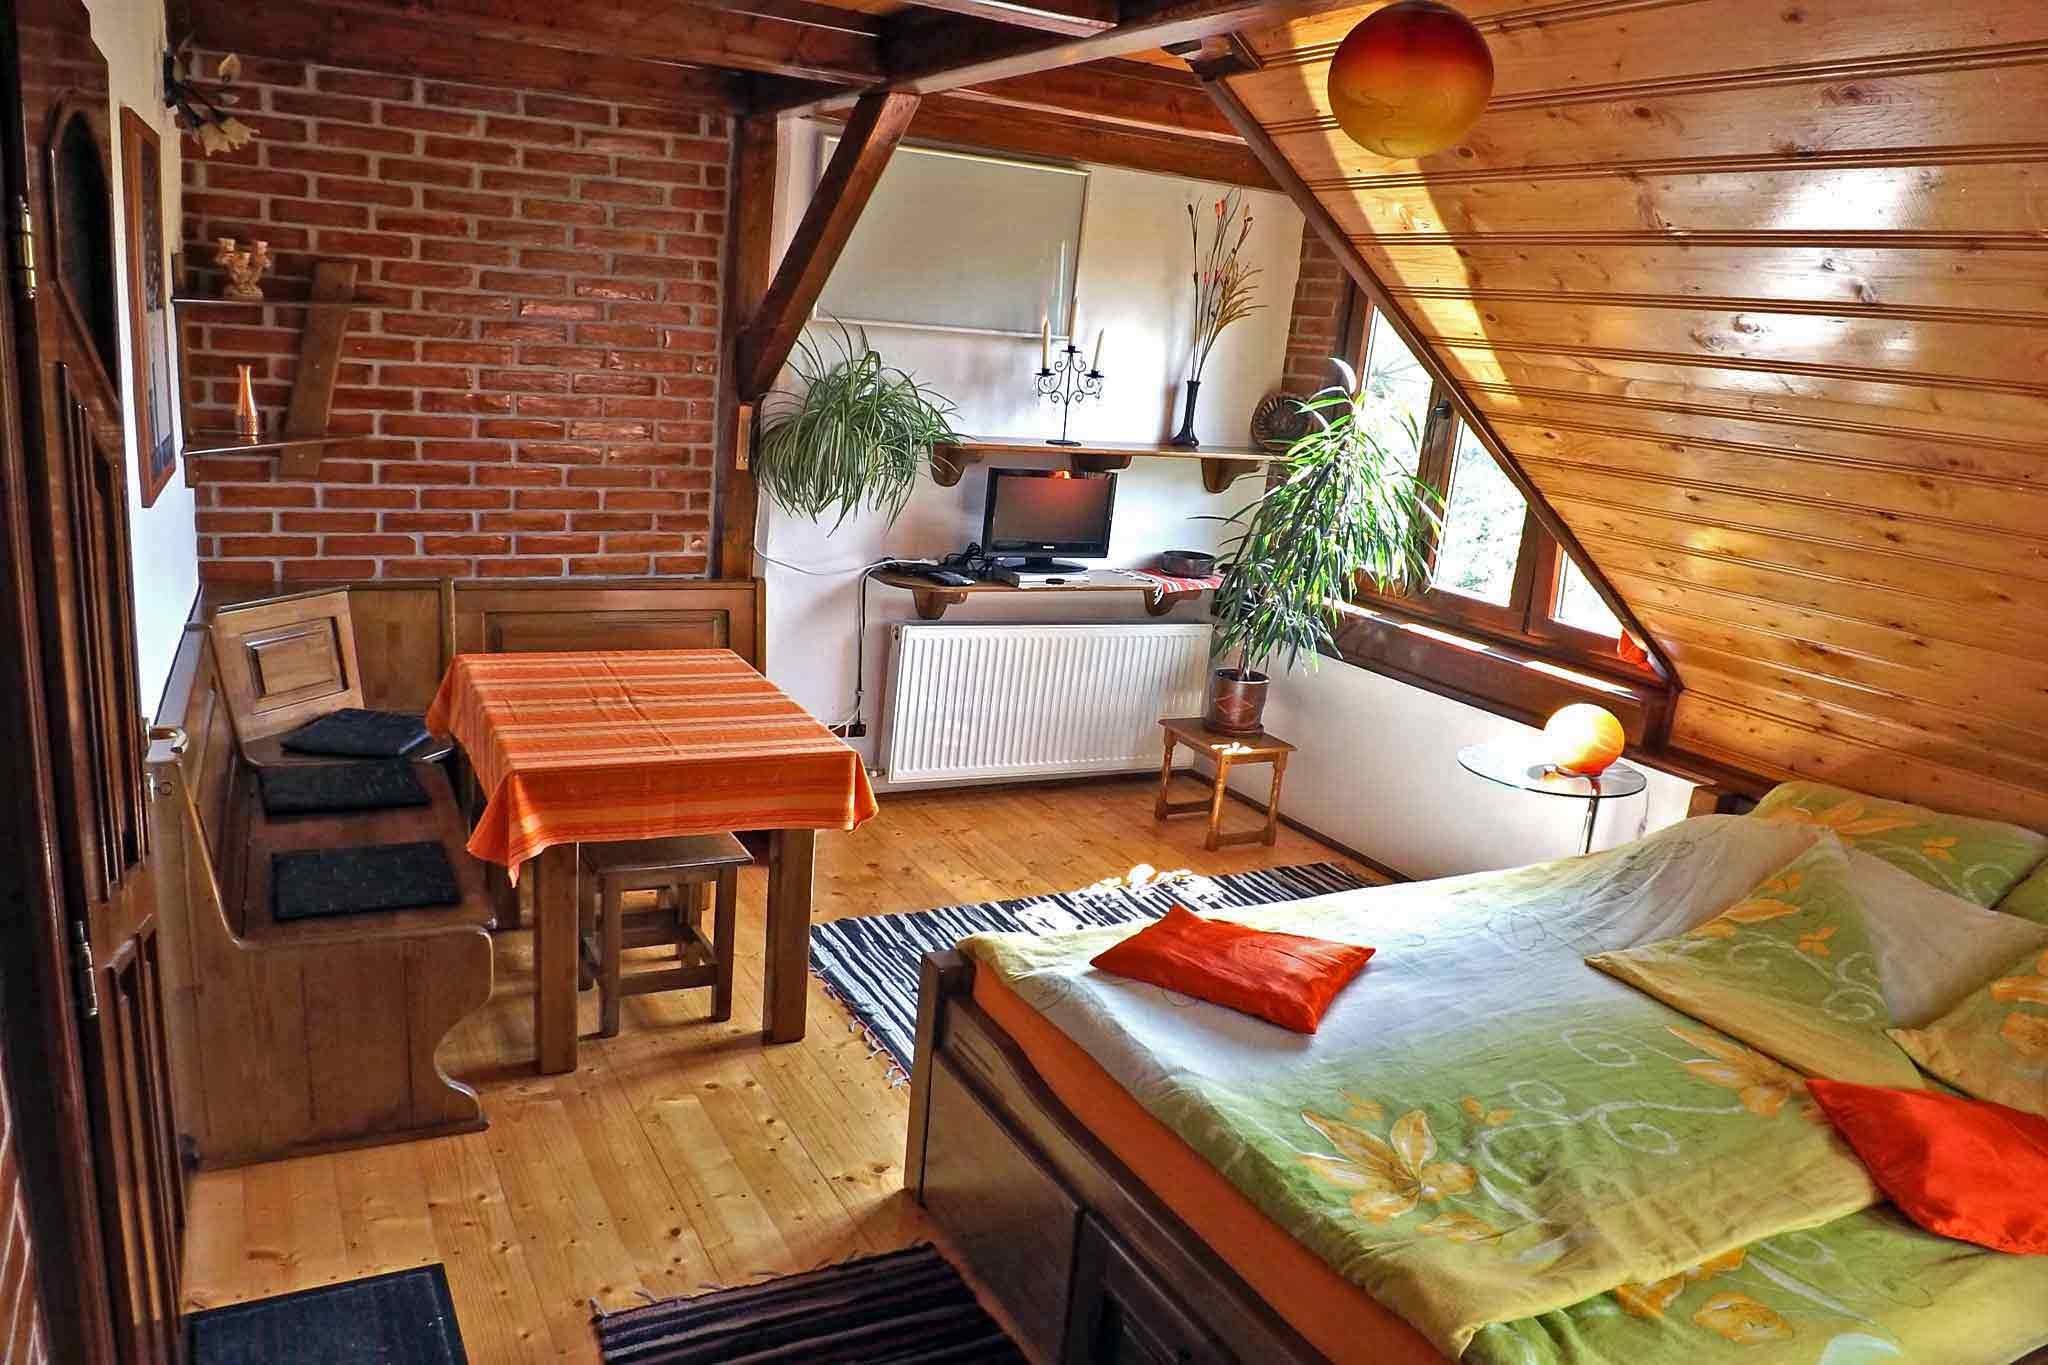 location villa sibiu dans un village des carpates pour vacances famille en transylvanie roumanie